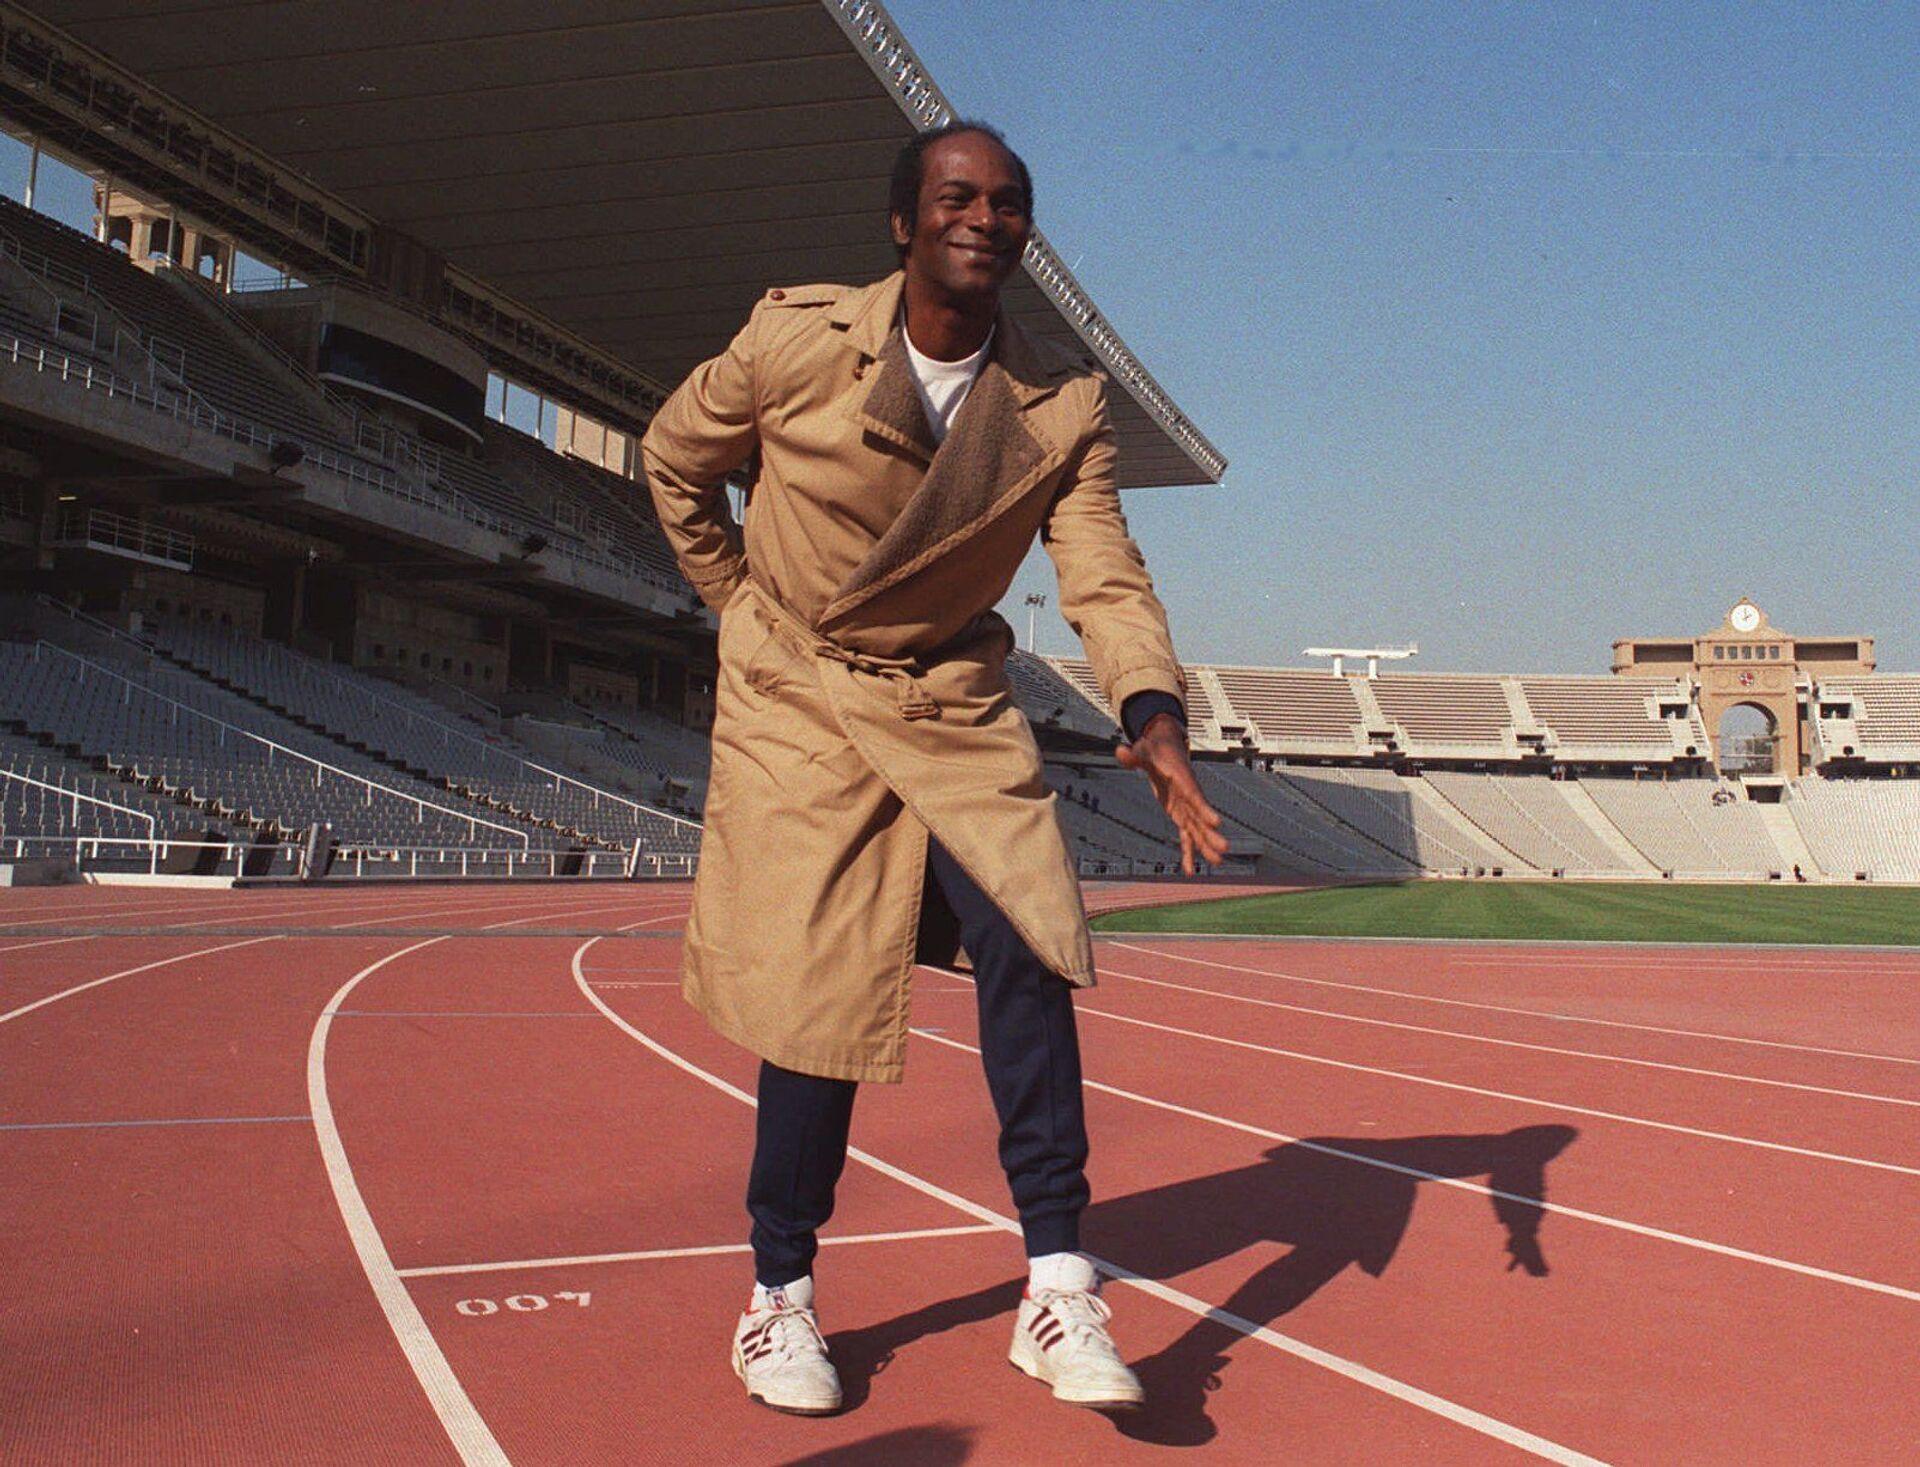 Боб Бимон позирует на олимпийском стадионе в Барселоне, 19 января 1990 года - Sputnik Азербайджан, 1920, 01.10.2021